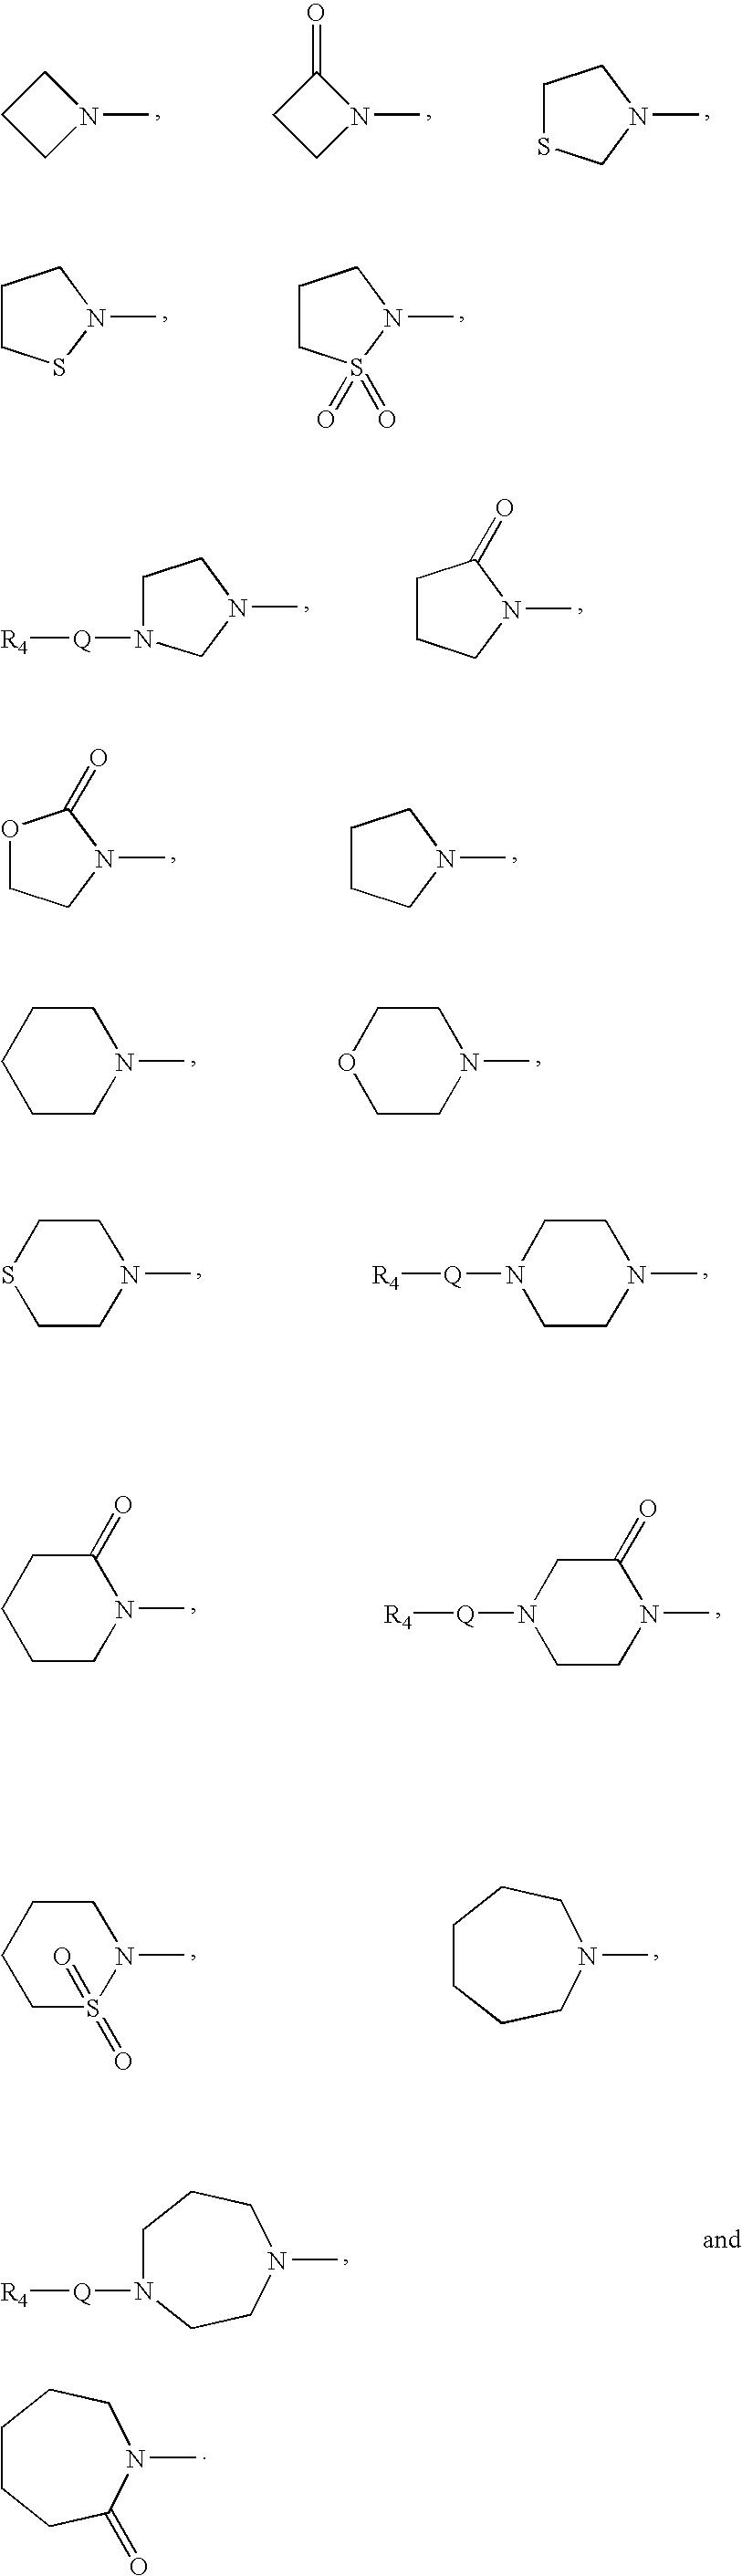 Figure US20070213356A1-20070913-C00049